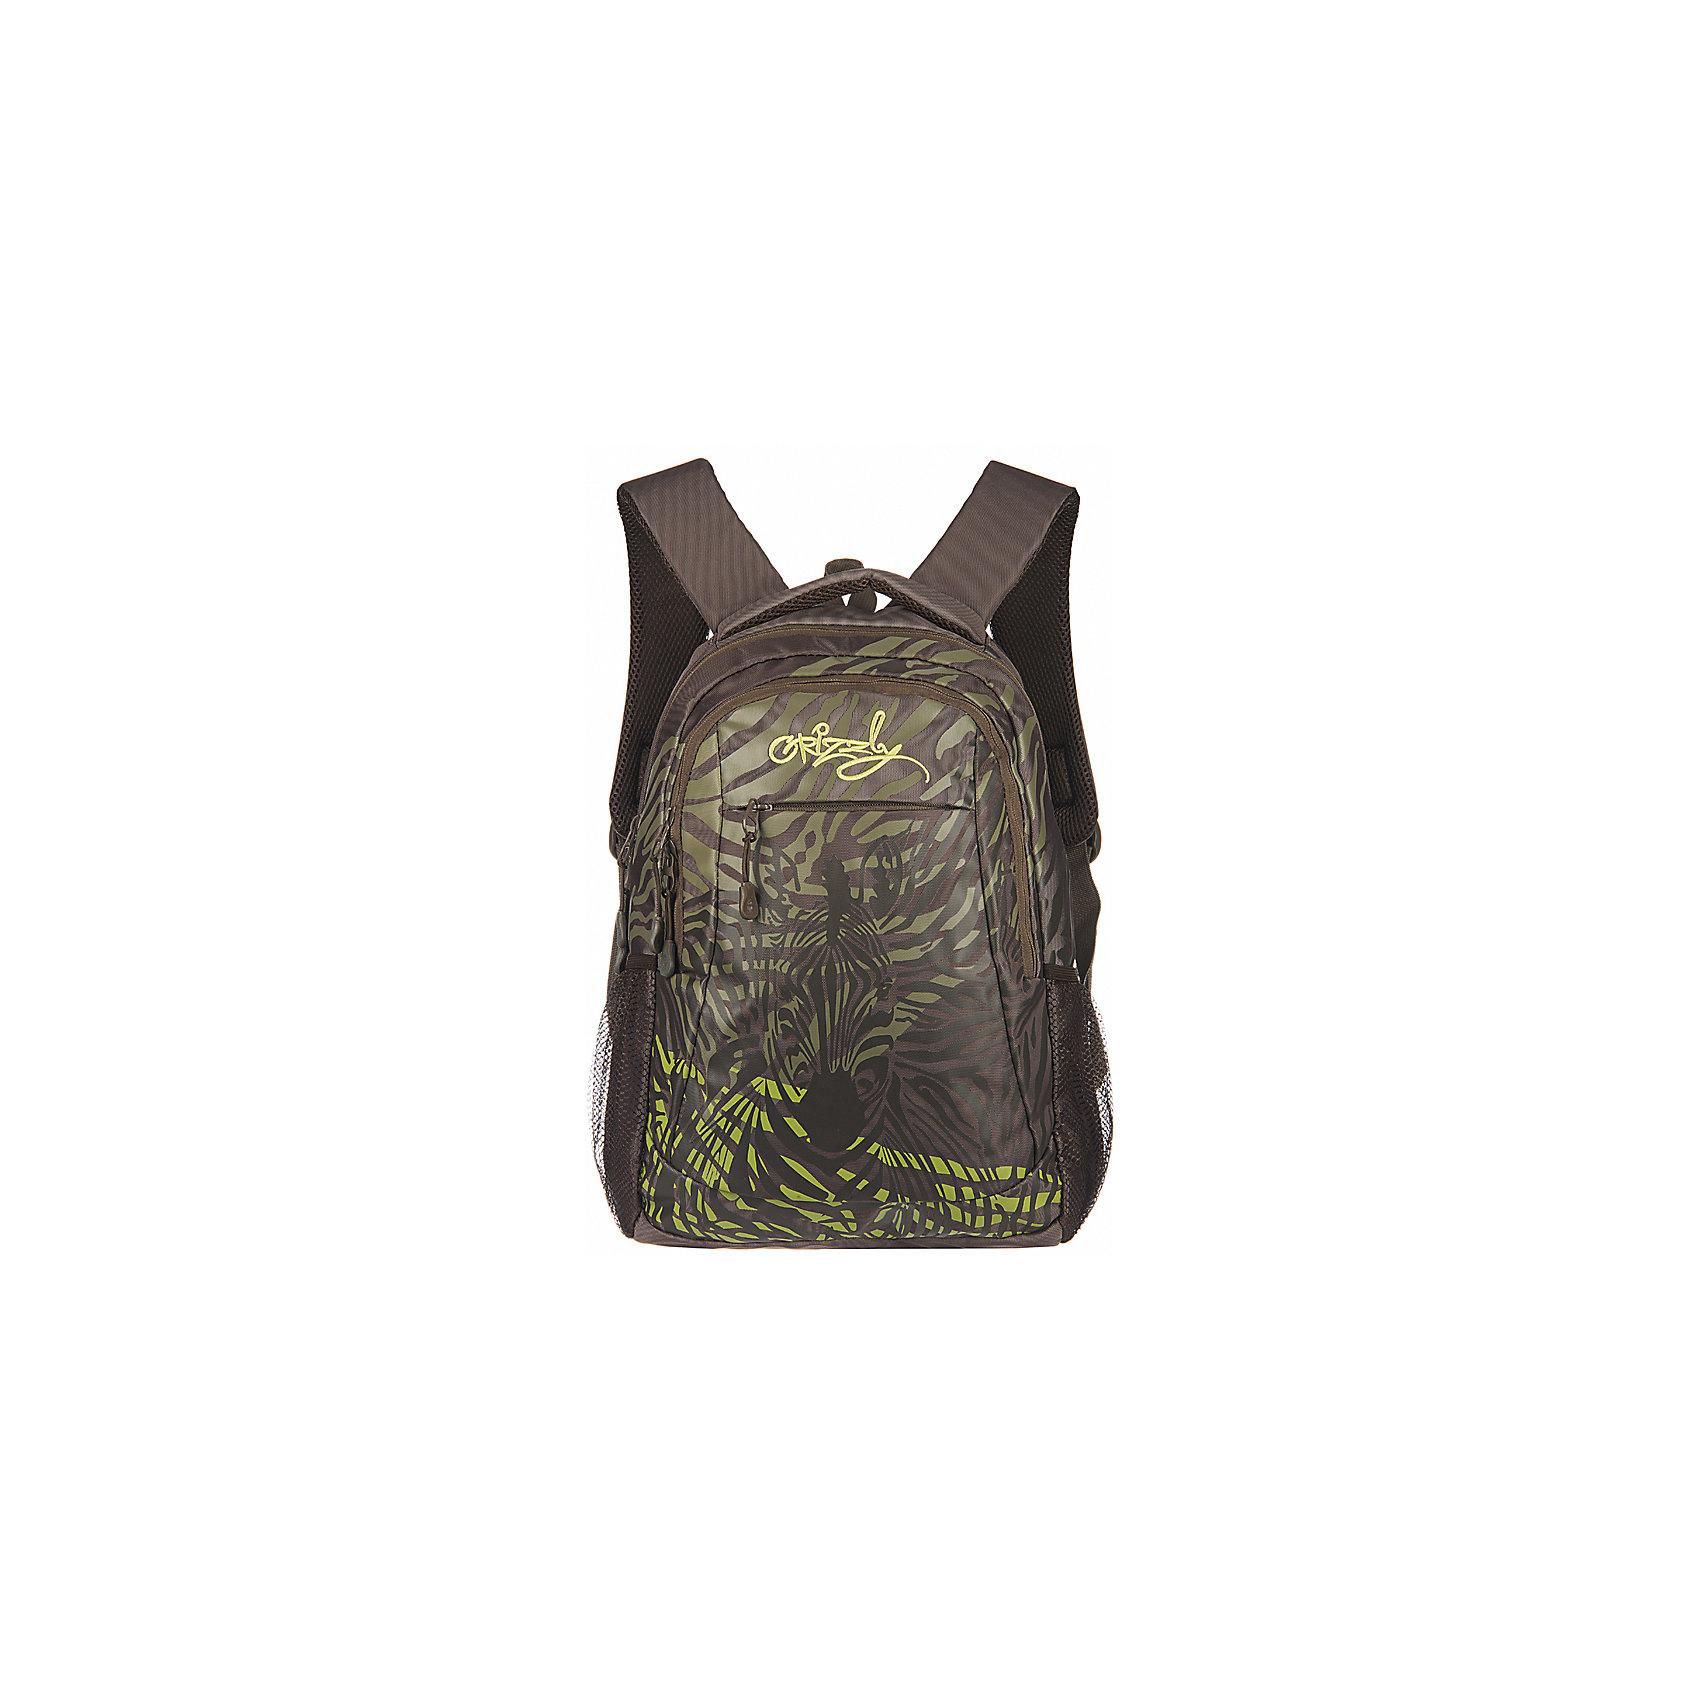 Рюкзак ХакиРюкзак, Хаки, Grizzly (Гризли) ? рюкзак отечественного бренда Гризли молодежной серии. Рюкзак  выполнен из принтованного полиэстера в сочетании с нейлоном высокого качества, что обеспечивает, с одной стороны, легкий вес, а с другой ? надежность и прочность. Все швы выполнены капроновыми нитками, что делает швы особенно крепкими и устойчивыми к износу даже в течение нескольких лет. <br>Внутреннее устройство рюкзака состоит из двух вместительных отсеков, внутреннего кармана-пенала для хранения ручек и карандашей. Наружные боковые карманы выполнены из сетки. Удобство и эргономичность рюкзака создается за счет жесткой анатомической спинки, укрепленных лямок и мягкой укрепленной ручки. Уникальность рюкзаков Grizzly заключается в том, что анатомическая спинка изготовлена из специальной ткани, которая пропускает воздух, тем самым защищает спину от повышенного потоотделения.<br>Рюкзаки молодежной серии Grizzly (Гризли) ? это не только удобство и функциональность, это еще и оригинальный современный дизайн. Рюкзак, Хаки, Grizzly (Гризли) выполнен в оригинальном дизайне: по всей поверхности рюкзака расположены волнистые линии, в центре просматривается силуэт зебры.<br>Рюкзак, Хаки Grizzly (Гризли) ? это качество материалов, удобство, стиль и долговечность использования. <br><br>Дополнительная информация:<br><br>- Вес: 600 г<br>- Габариты (Д*Г*В): 29*22*41 см<br>- Цвет: серо-бирюзовый<br>- Материал: полиэстер, нейлон <br>- Сезон: круглый год<br>- Коллекция: молодежная <br>- Год коллекции: 2016 <br>- Пол: женский/мужской<br>- Предназначение: для школы, для занятий спортом<br>- Особенности ухода: можно чистить влажной щеткой или губкой, допускается ручная стирка<br><br>Подробнее:<br><br>• Для школьников в возрасте: от 8 лет и до 12 лет<br>• Страна производитель: Россия<br>• Торговый бренд: Grizzly<br><br>Рюкзак, Хаки Grizzly (Гризли) можно купить в нашем интернет-магазине.<br><br>Ширина мм: 290<br>Глубина мм: 220<br>Высота мм: 410<br>Вес г: 600<br>Возраст от месяцев: 9